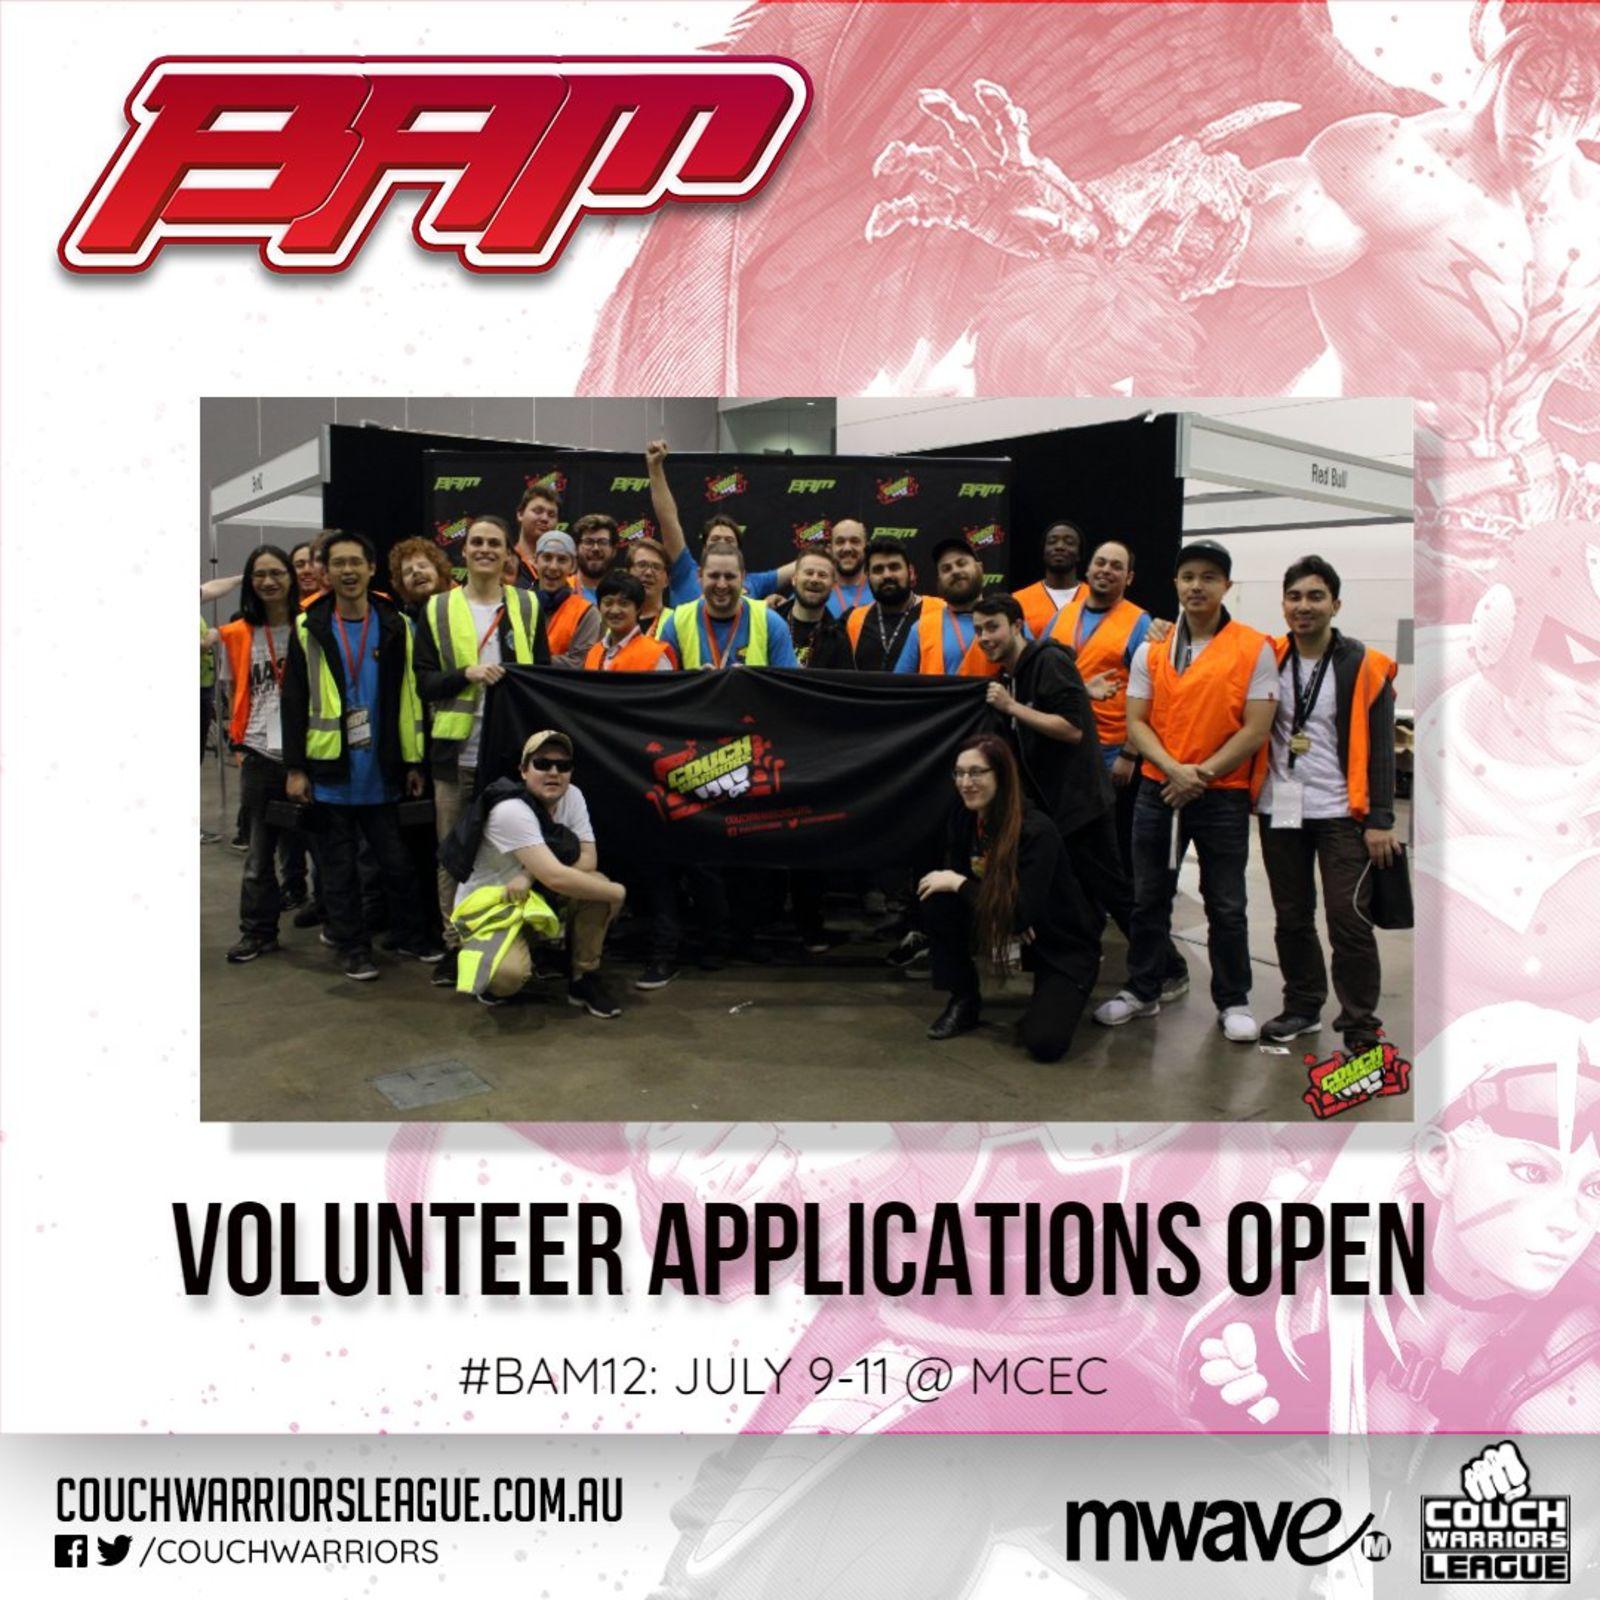 Volunteer applications open